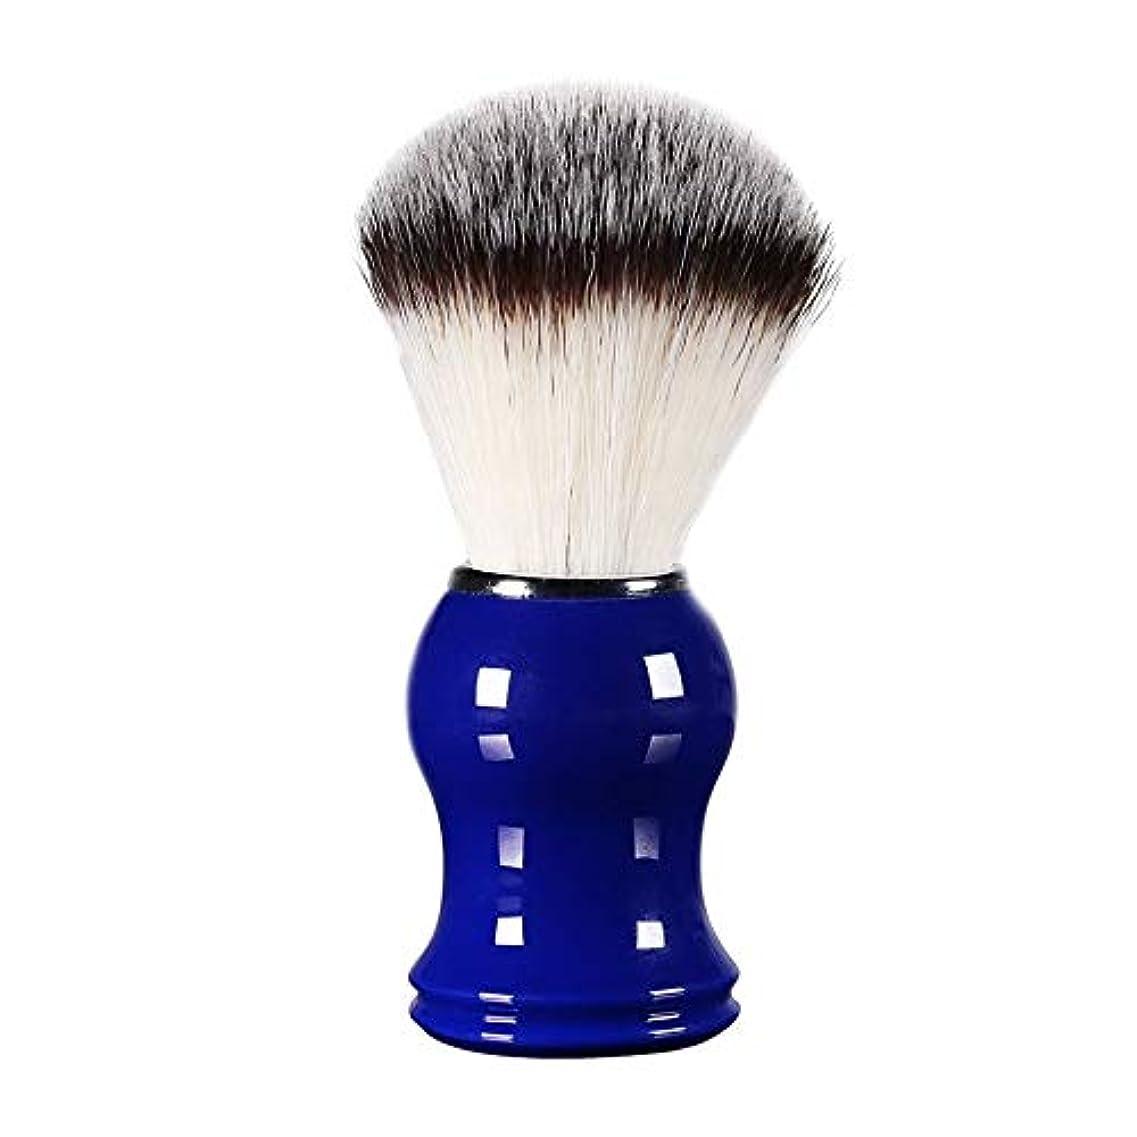 スコアカビ補うOddalsail メンズ シェービングブラシ 理髪 男性用 顔髭 クリーニングブラシ 樹脂ハンドル付き ブルー